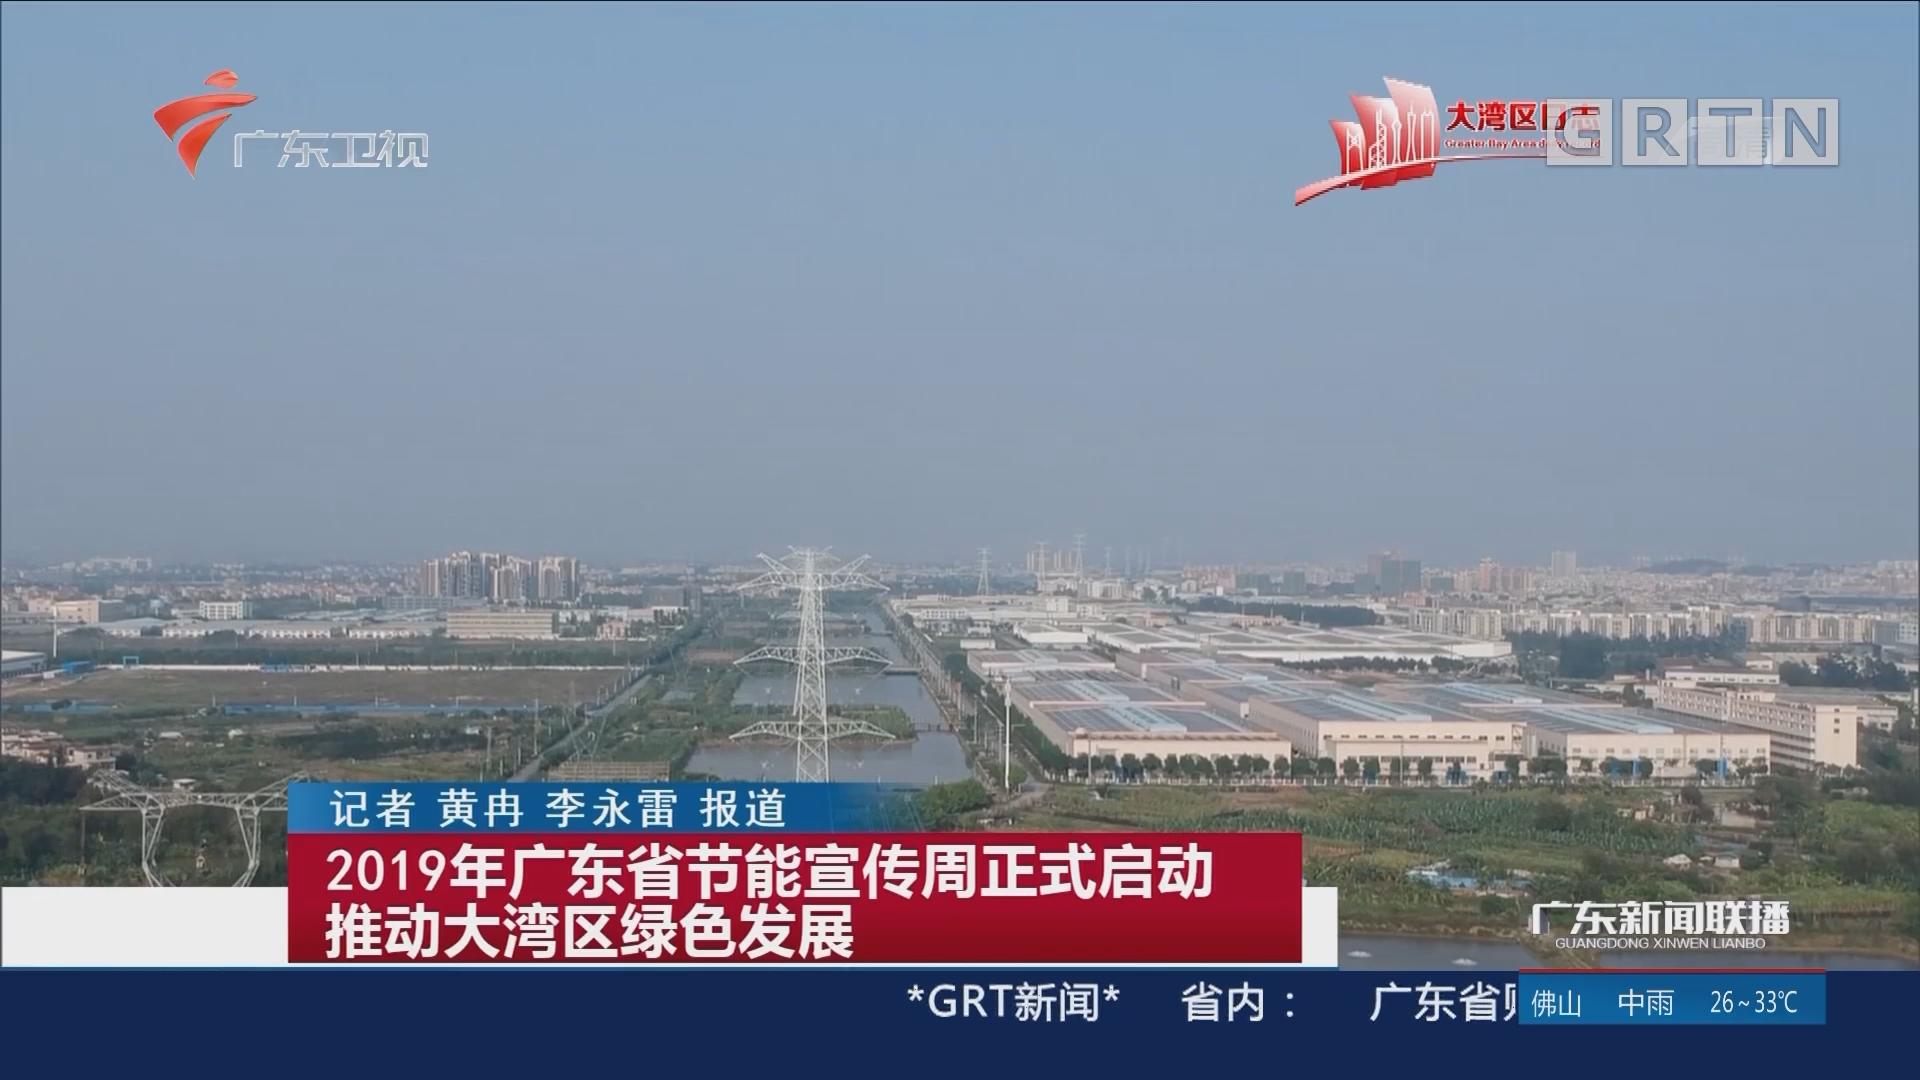 2019年广东省节能宣传周正式启动 推动大湾区绿色发展